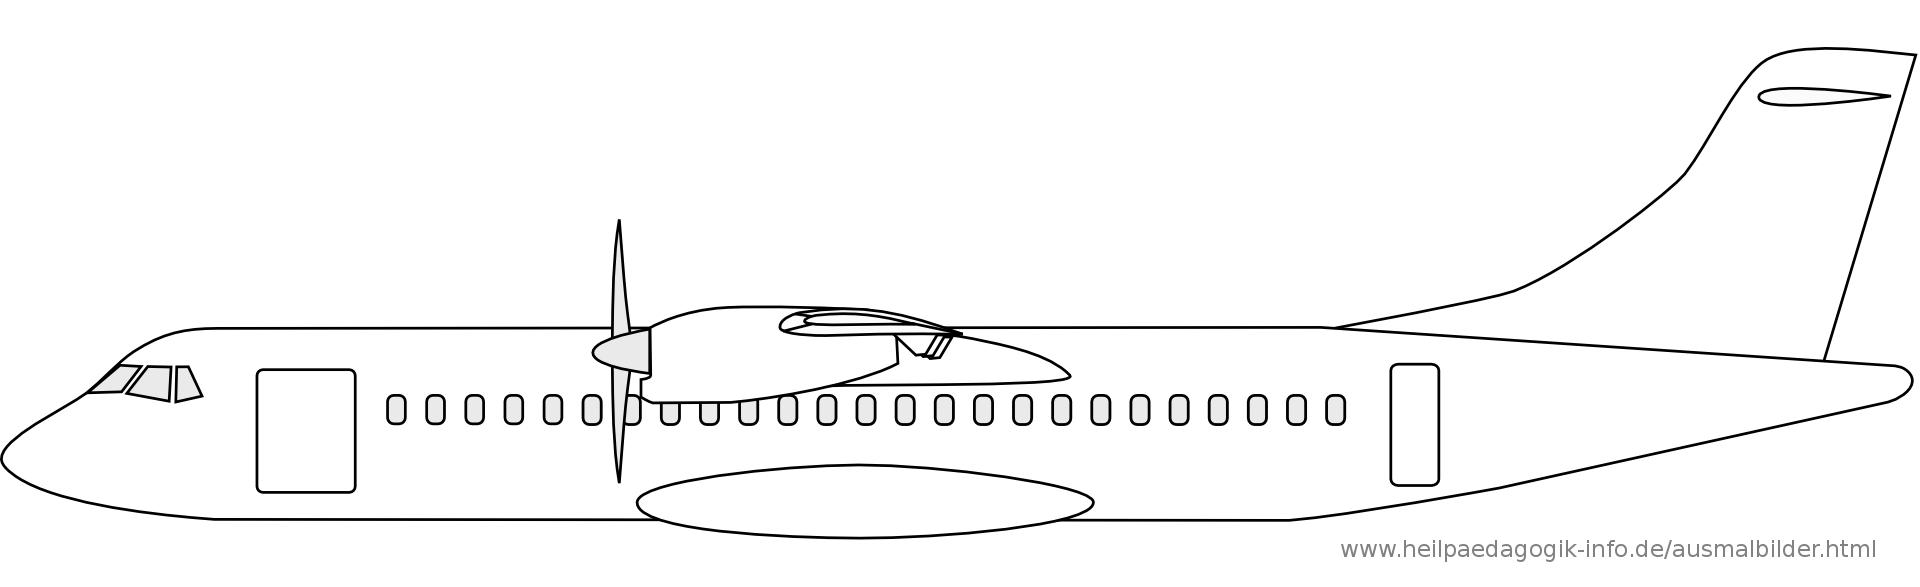 Ausmalbilder Flugzeuge bei Flugzeug Zum Ausmalen